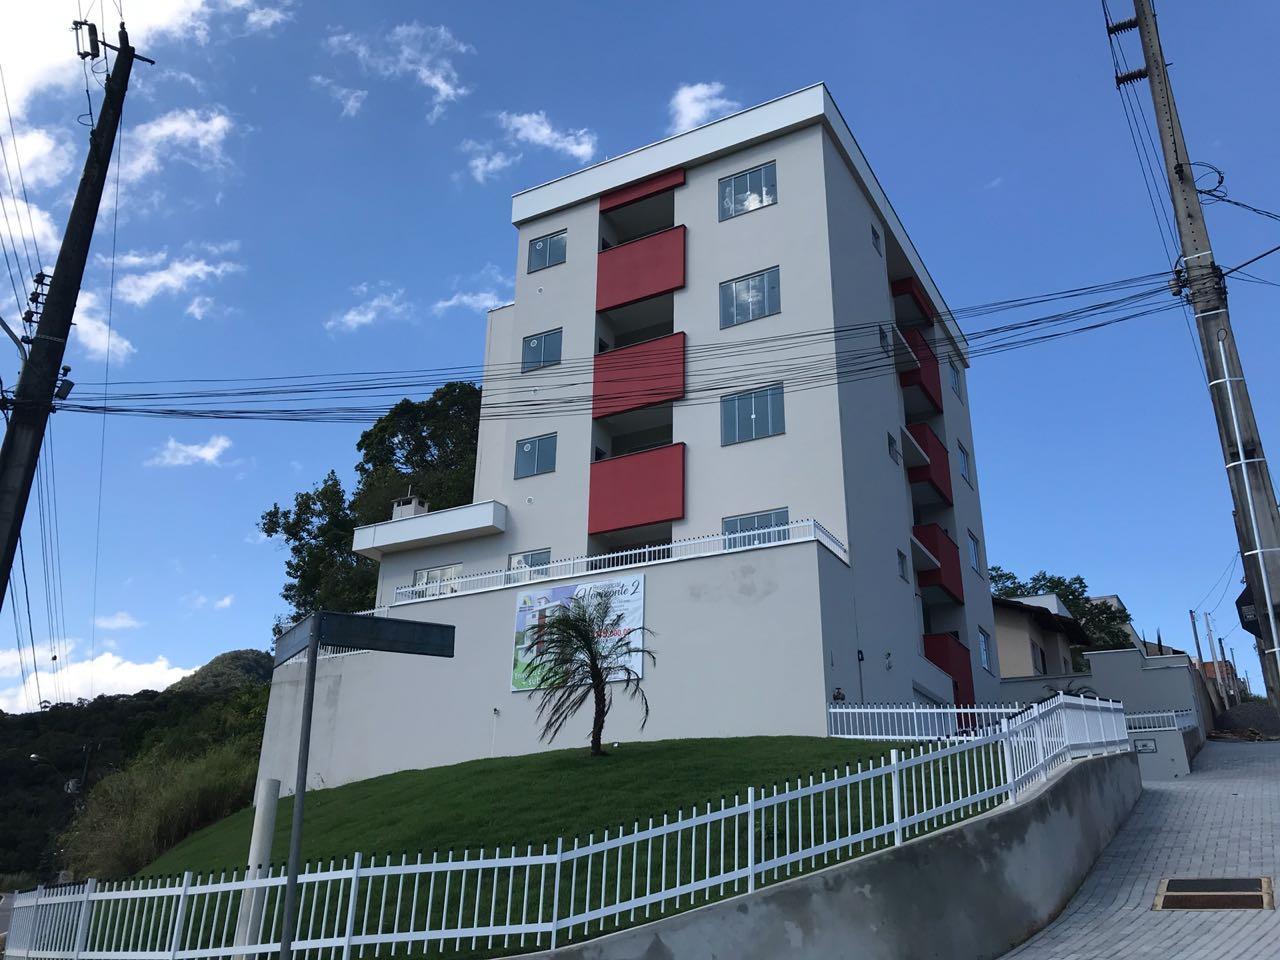 Código: 2852 – Resid. Horizonte II -Três Rios do Norte – R.5 – 68.871 (Minha Casa Minha Vida)